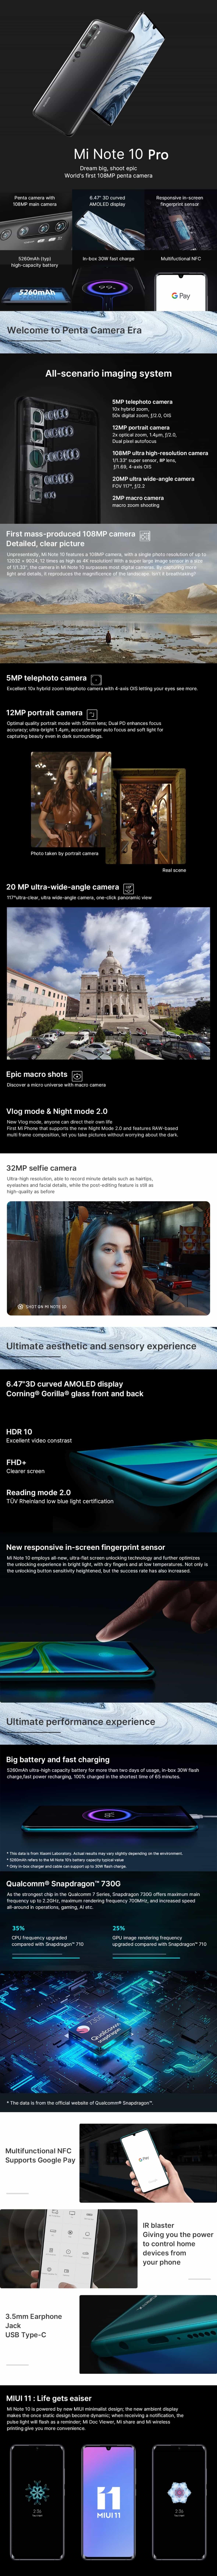 Prezentare-Xiaomi-Mi-Note-10-Proae18a46e0bf84e93.jpg